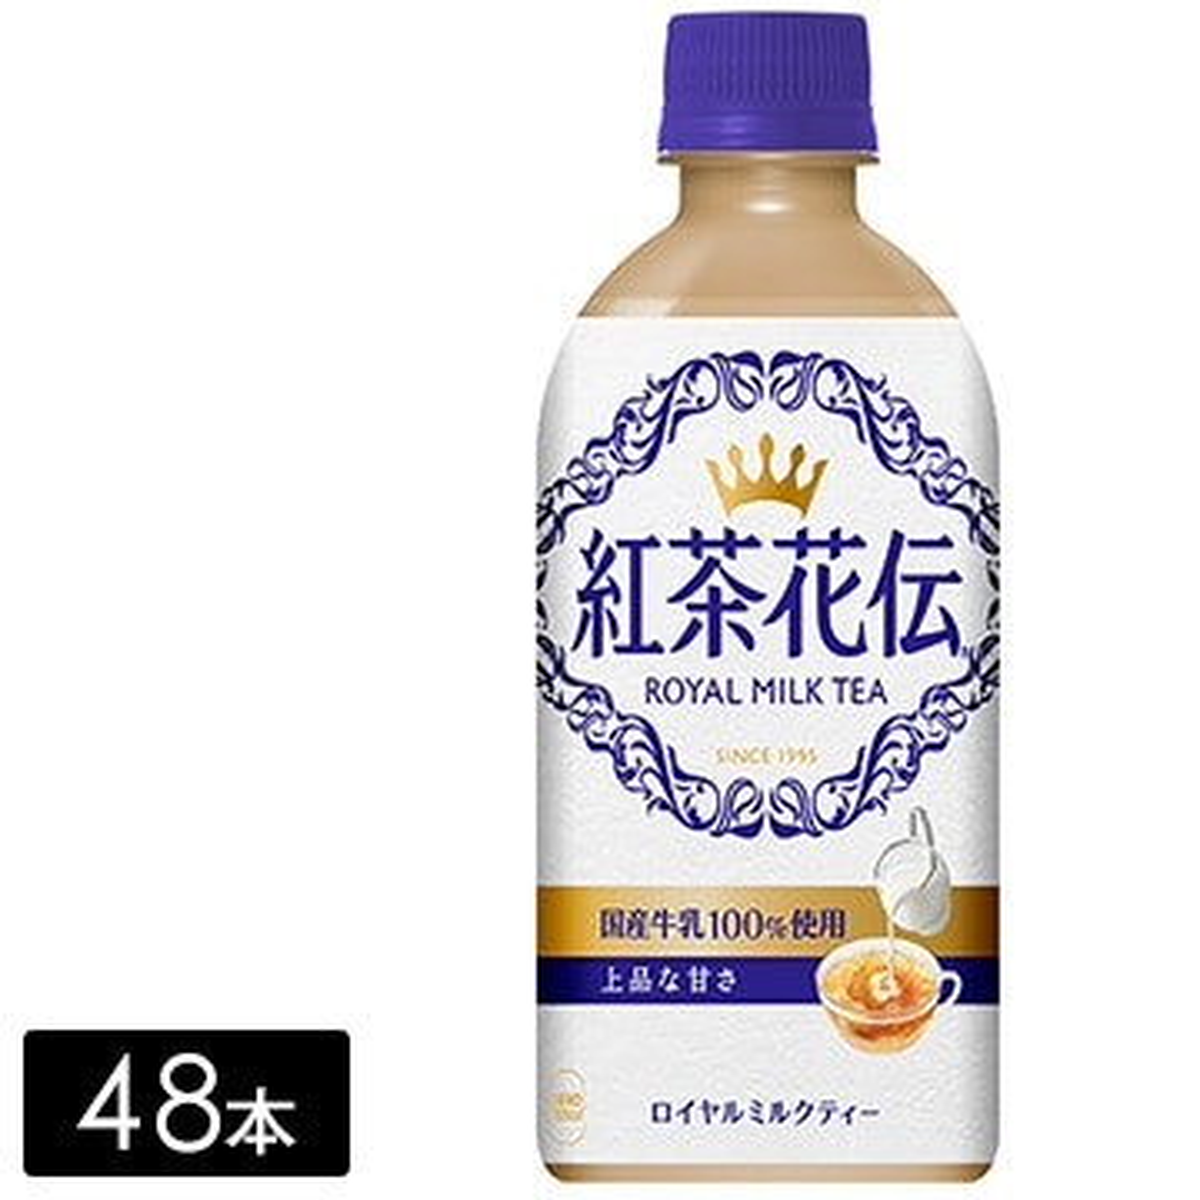 紅茶花伝 ロイヤルミルクティー 440mL×48本